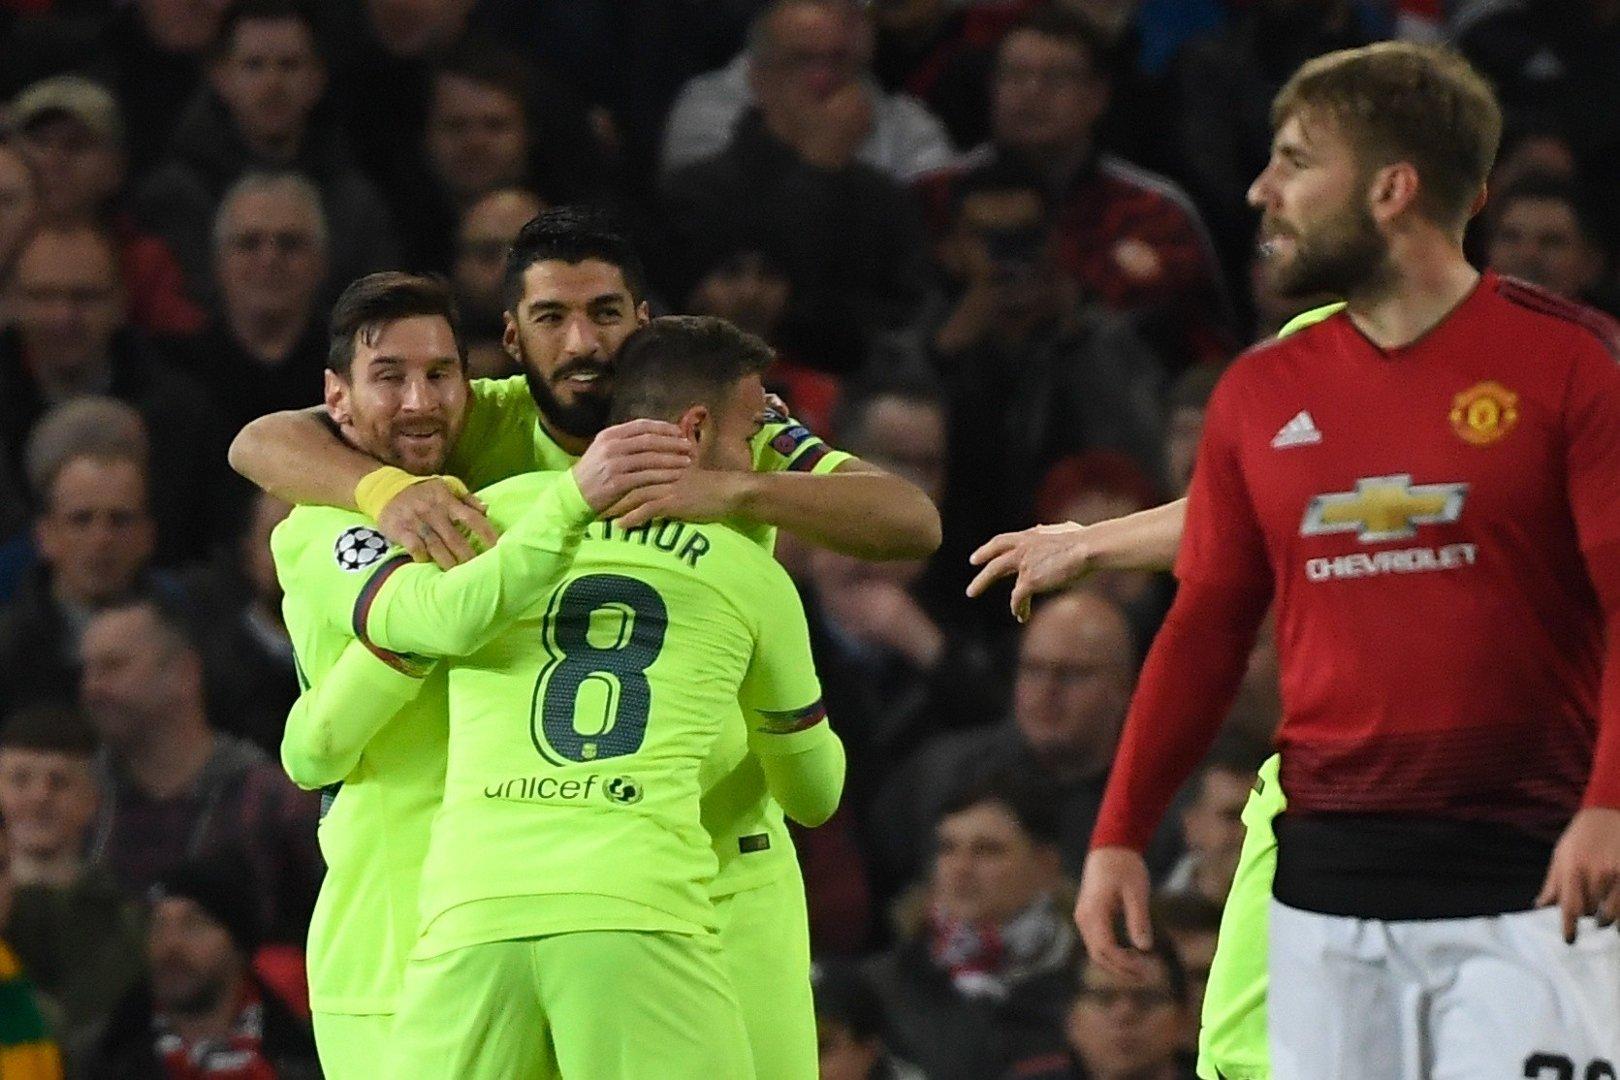 c9c9622bd Mecz FC Barcelona - Manchester United ONLINE. Gdzie oglądać w ...